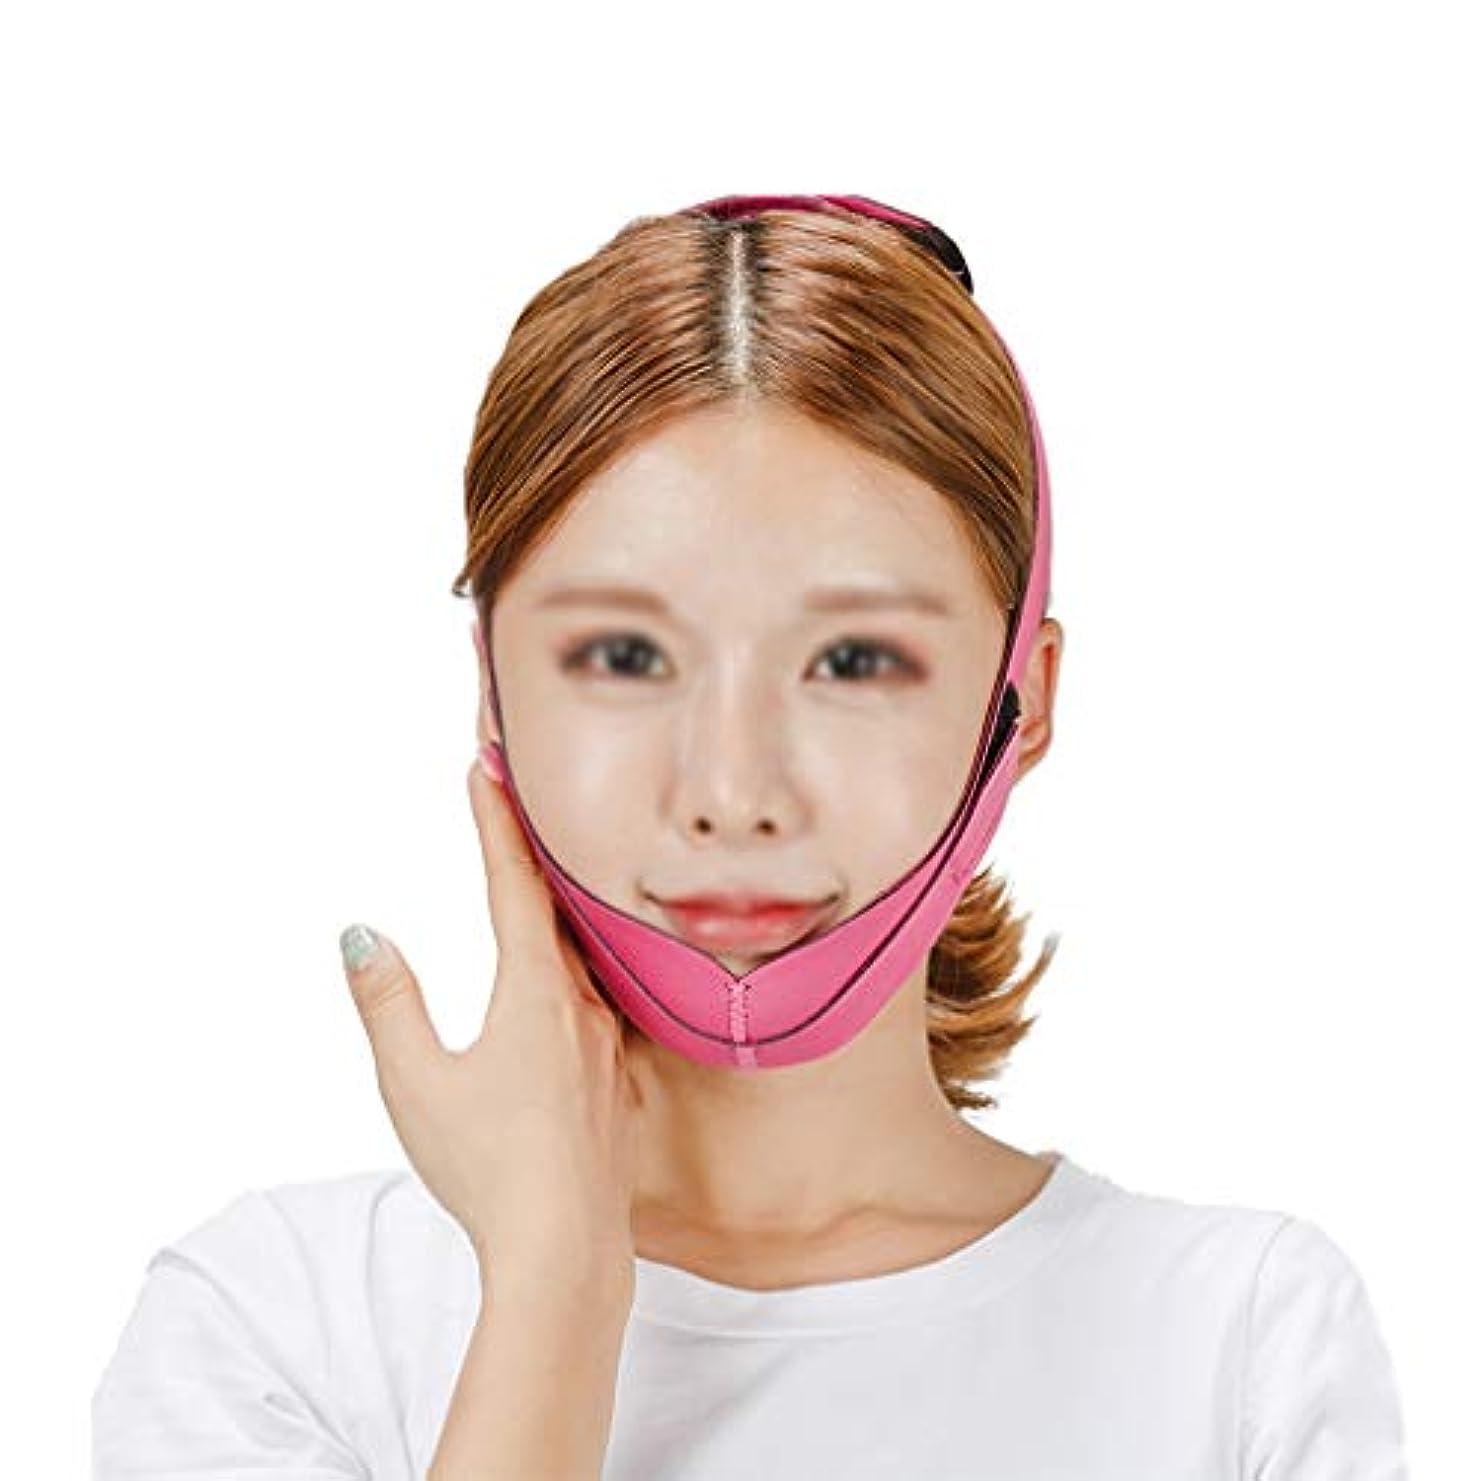 支給化粧異形XHLMRMJ 超薄Vフェイスライン、フェイスリフティングマスク、Vフェイスリフティングとリフティングファーミングパターン、シェイピングフェイス、改善ダブルチン、ピンク、女性に適しています